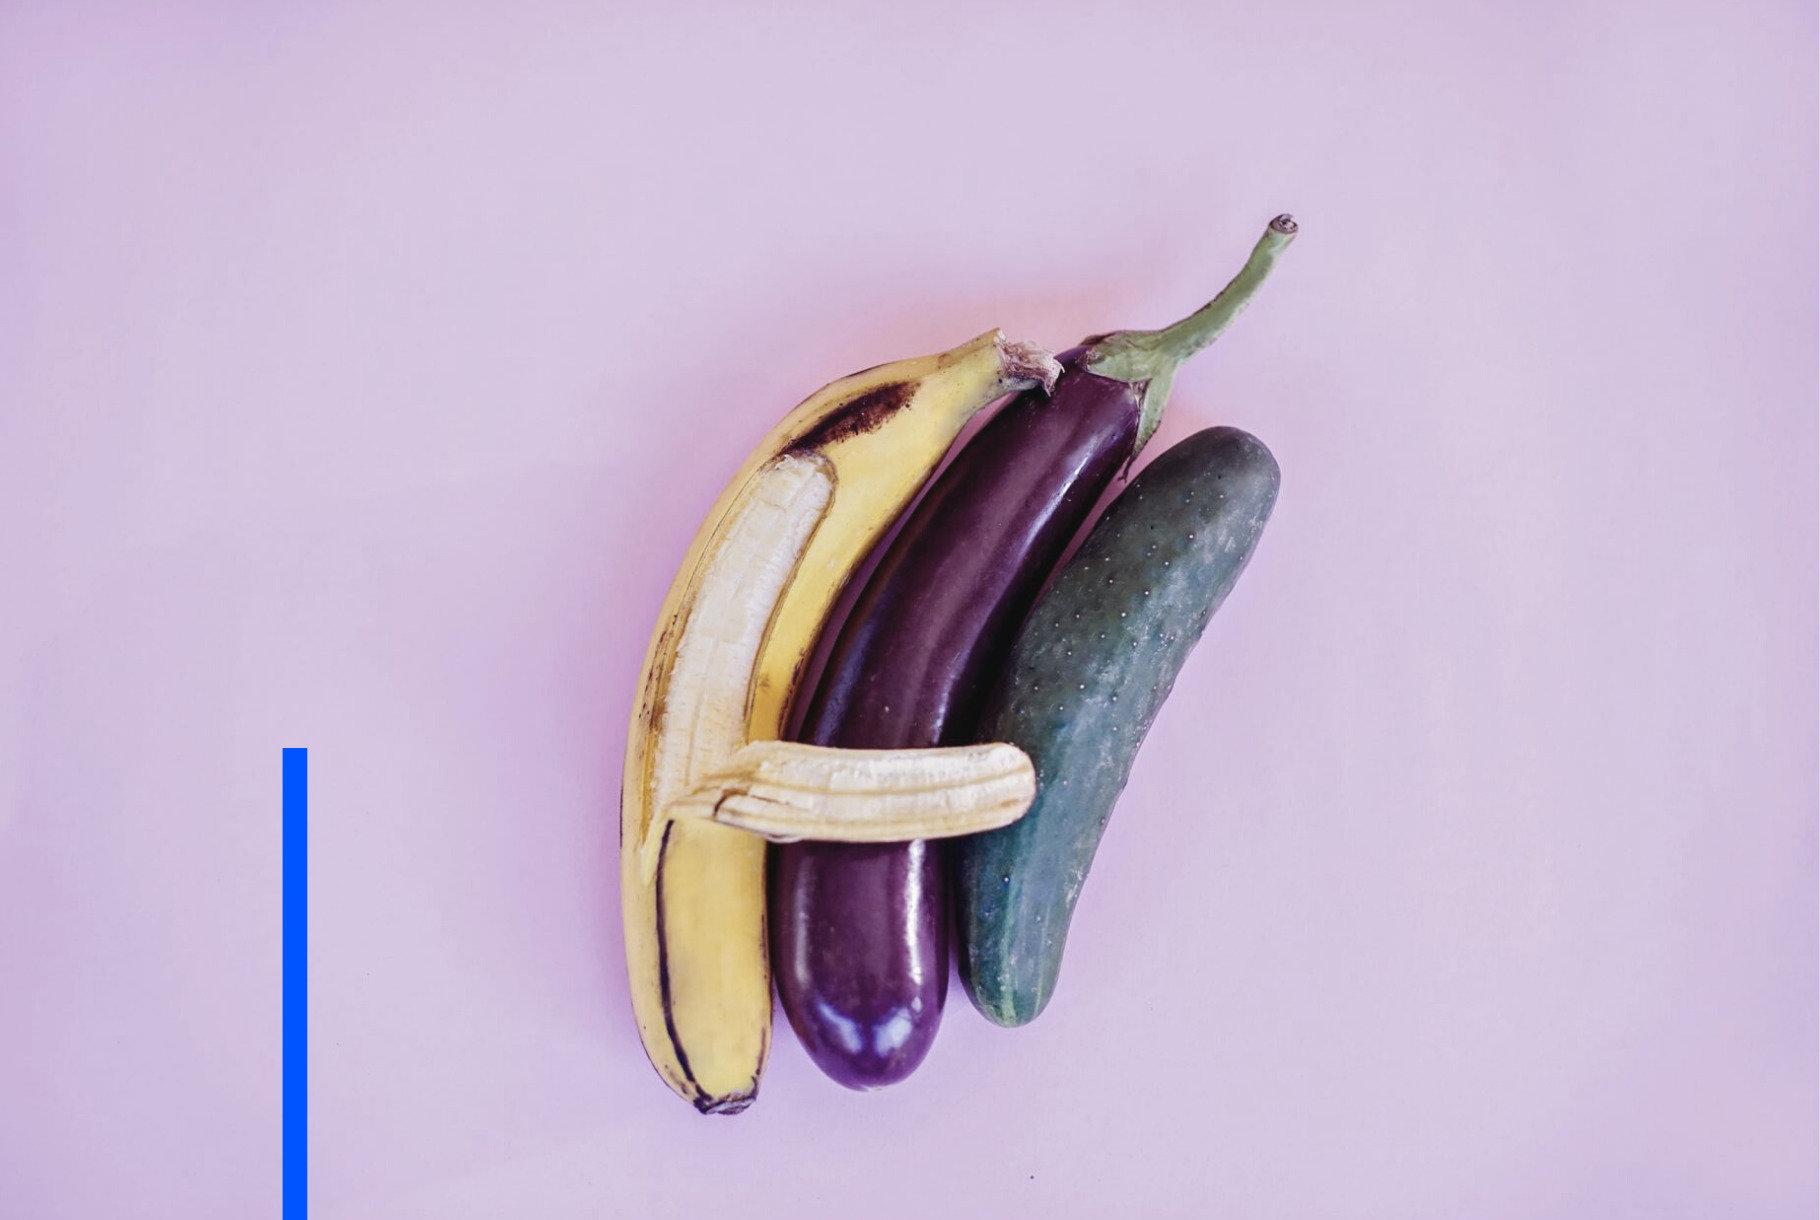 prarastos erekcijos priežastys ar galima padidinti vyru seksualini kuna